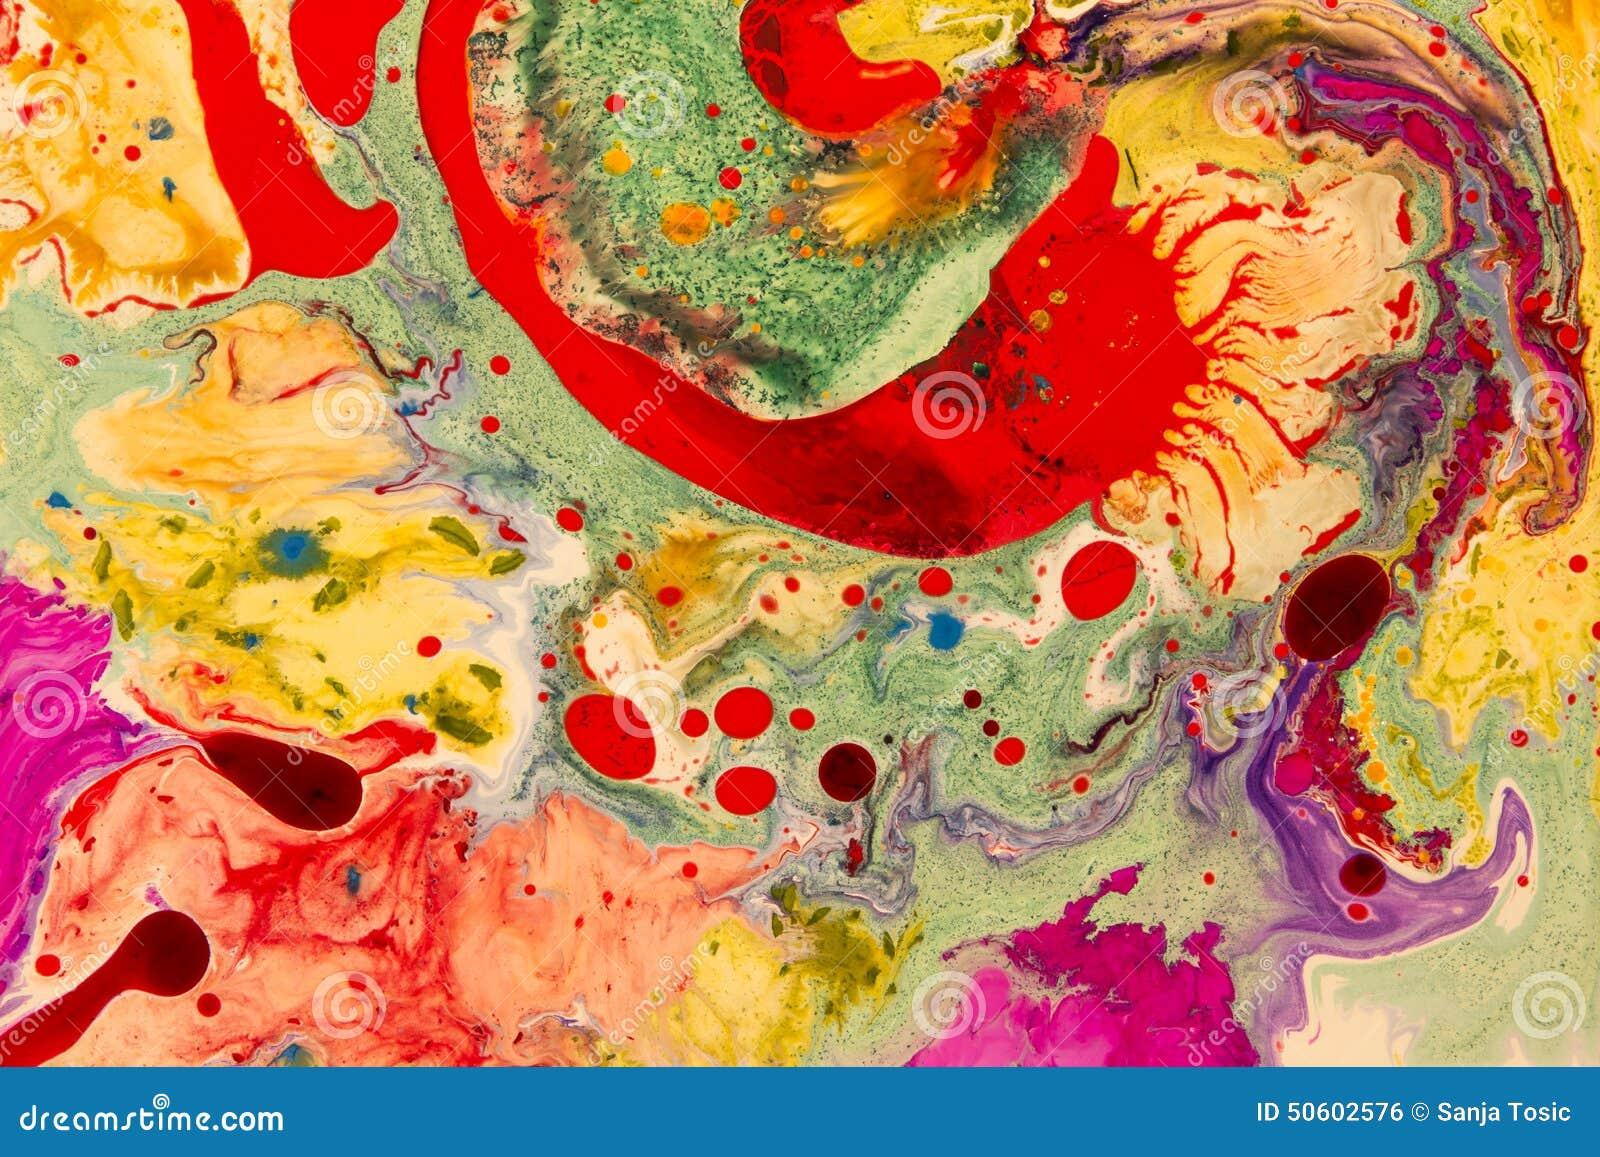 Verrückte Farben Formen Und Formen Flüssige Kunst Stockfoto - Bild ...